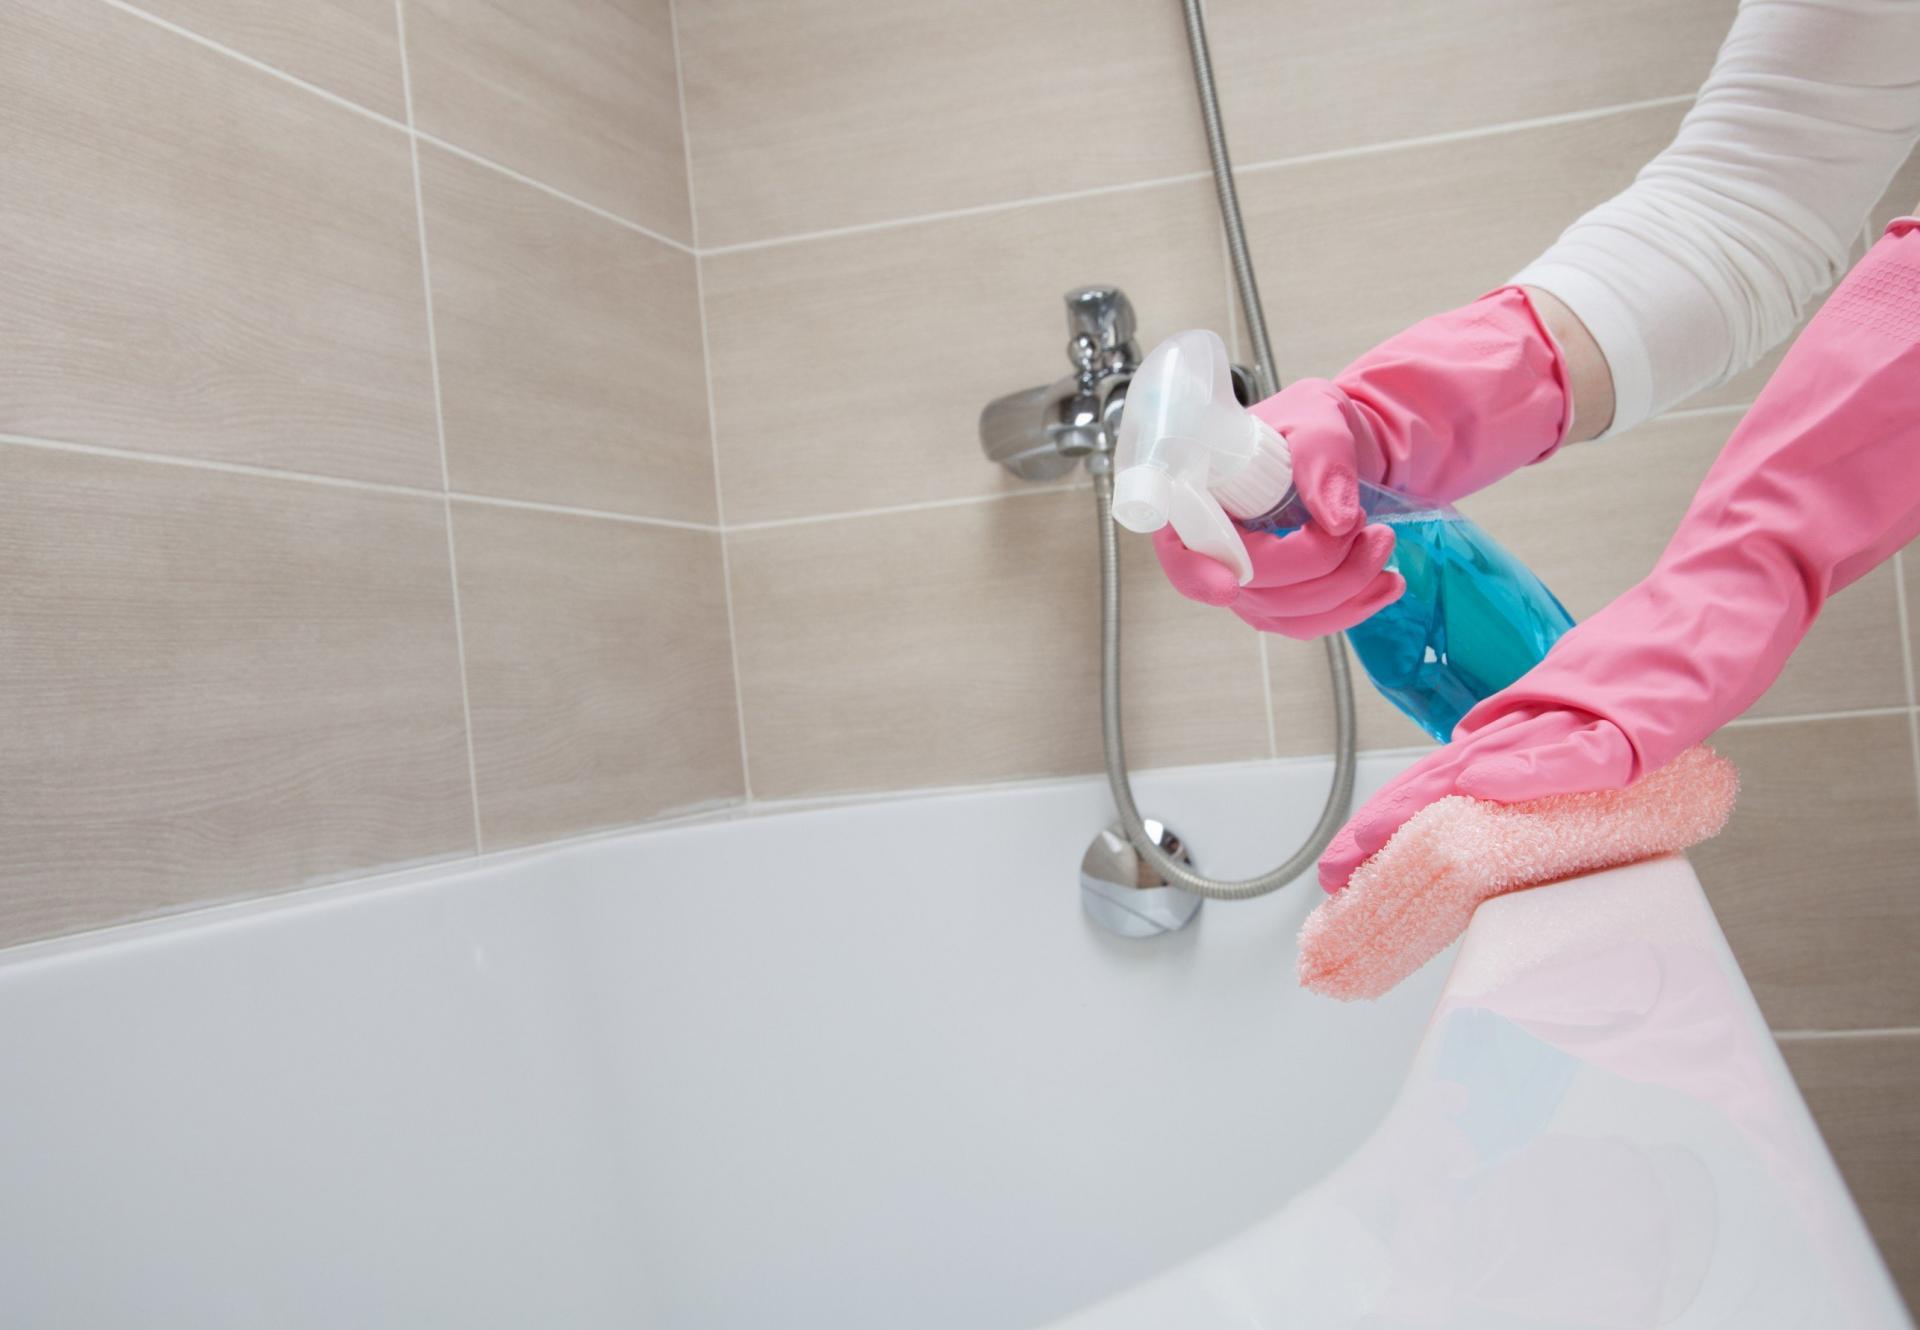 Как очистить чугунную ванну до бела, что поможет избавиться от известкового и мыльного налета, ржавчины и желтизны?